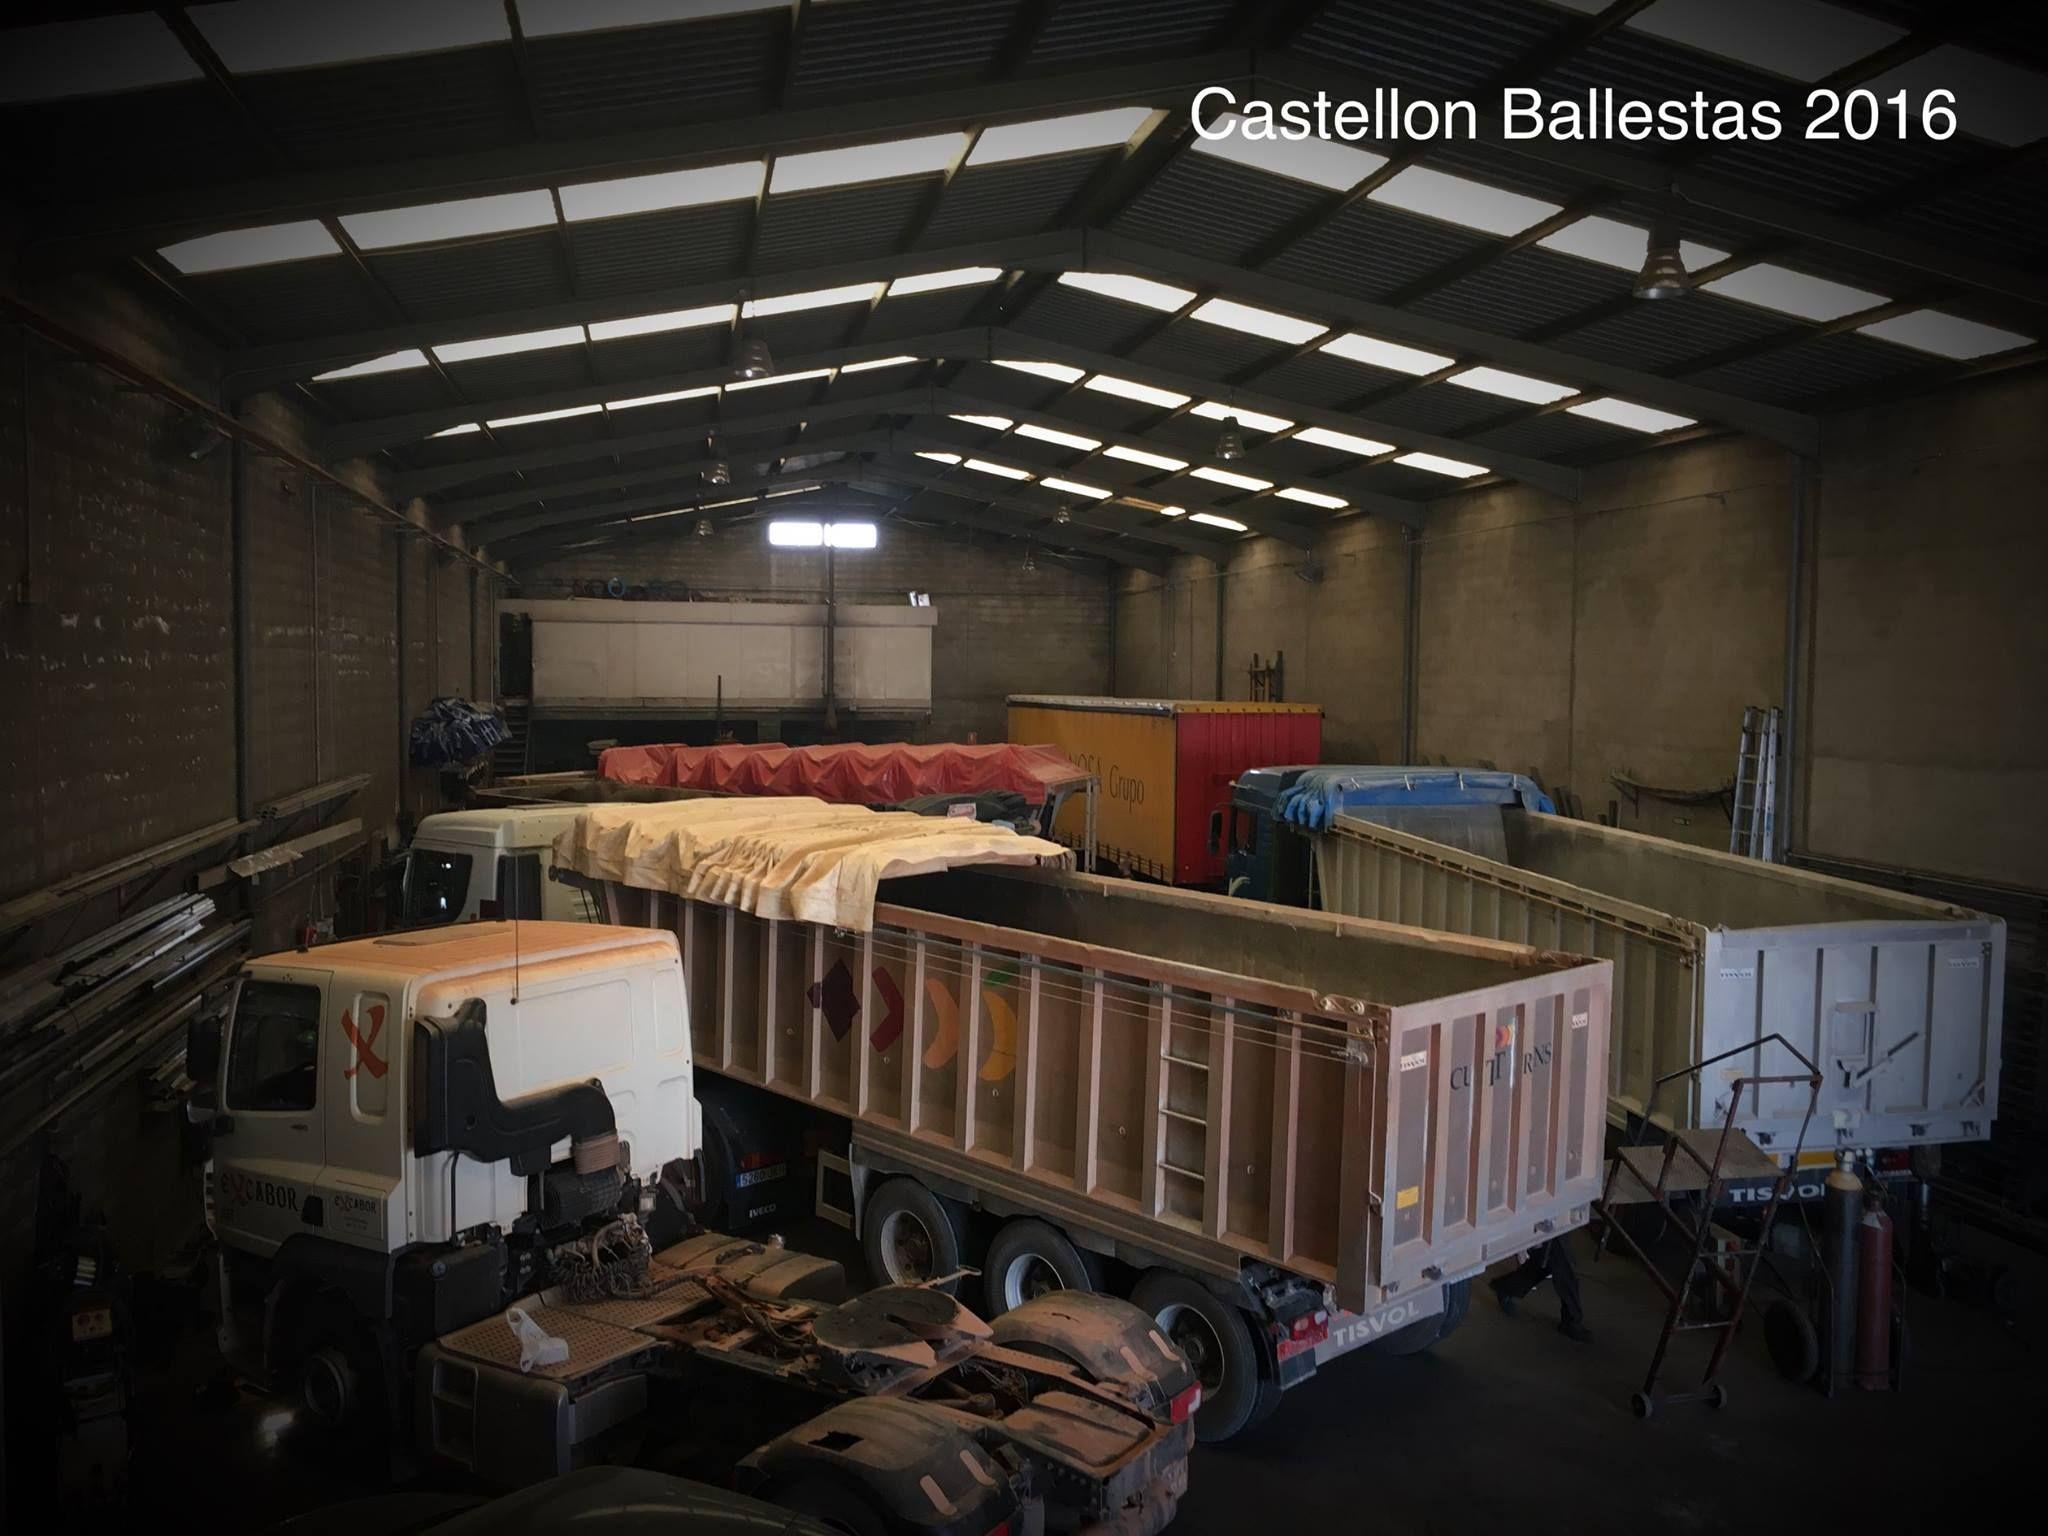 Castellón Ballestas 2016